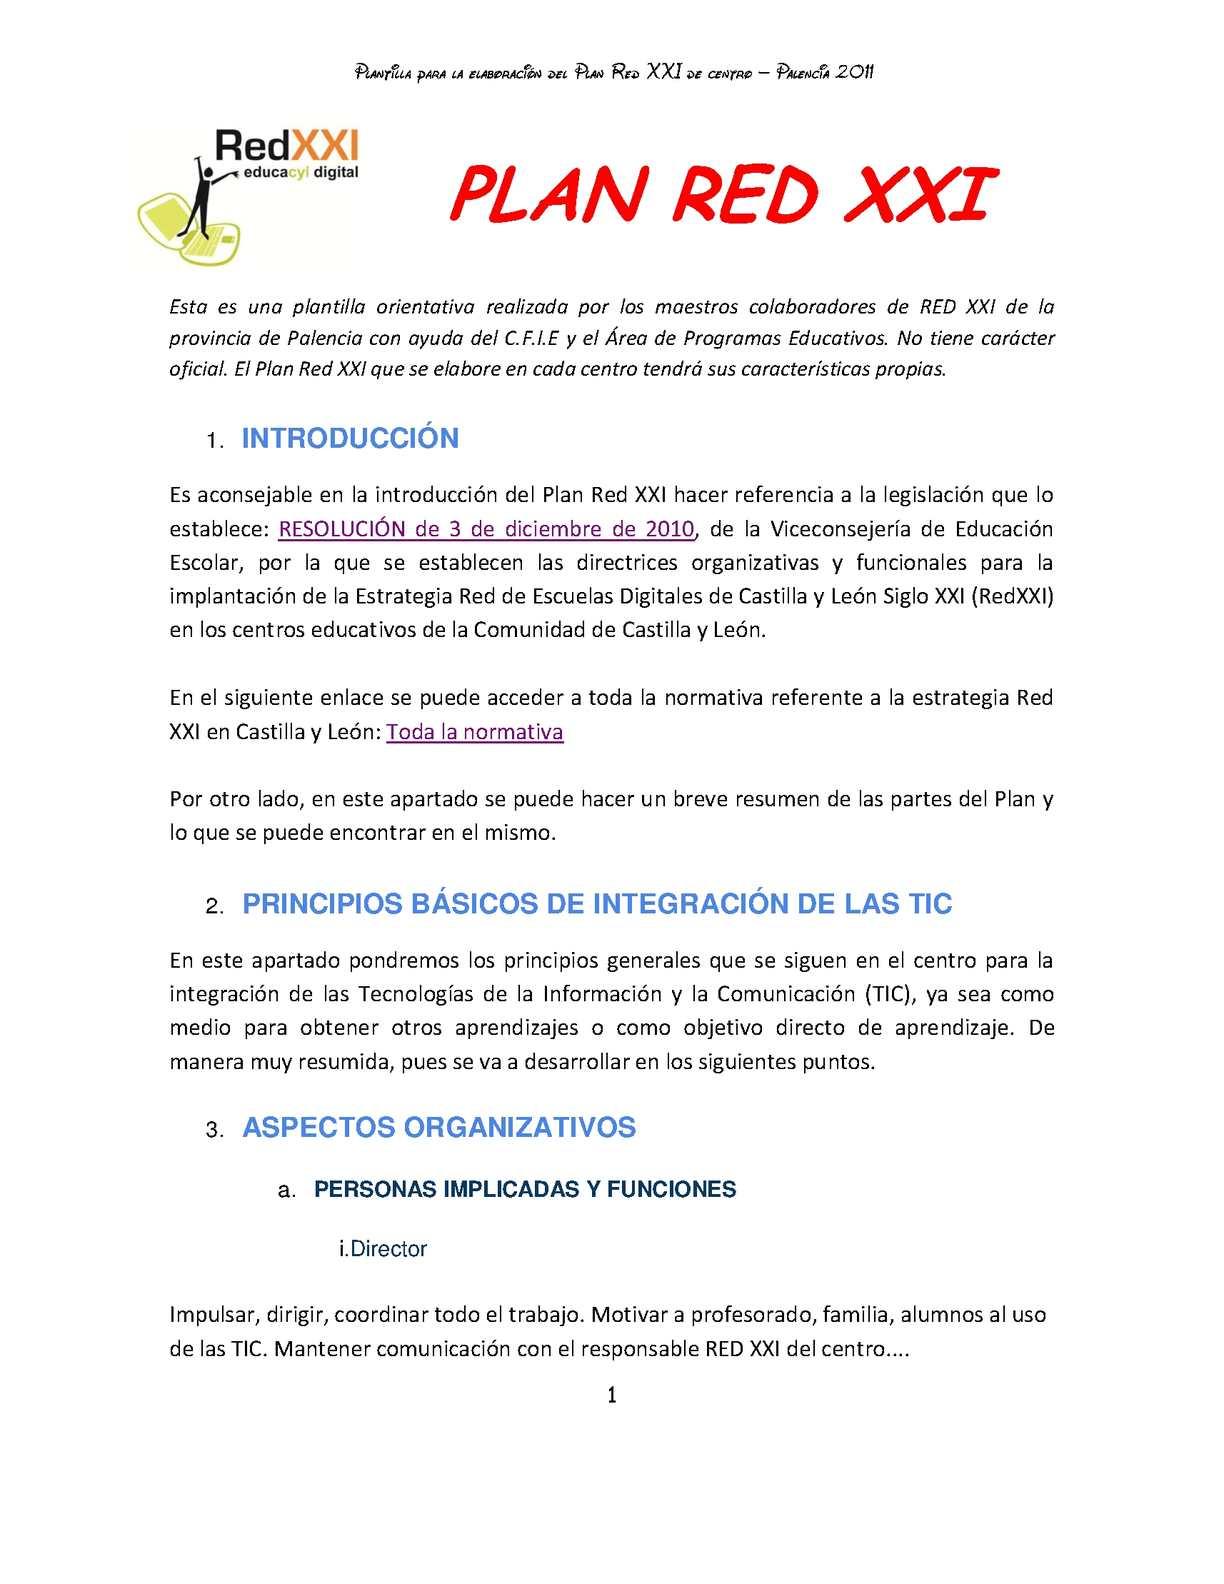 Calaméo - PLANTILLA PARA ELABORAR EL PLAN RED XXI